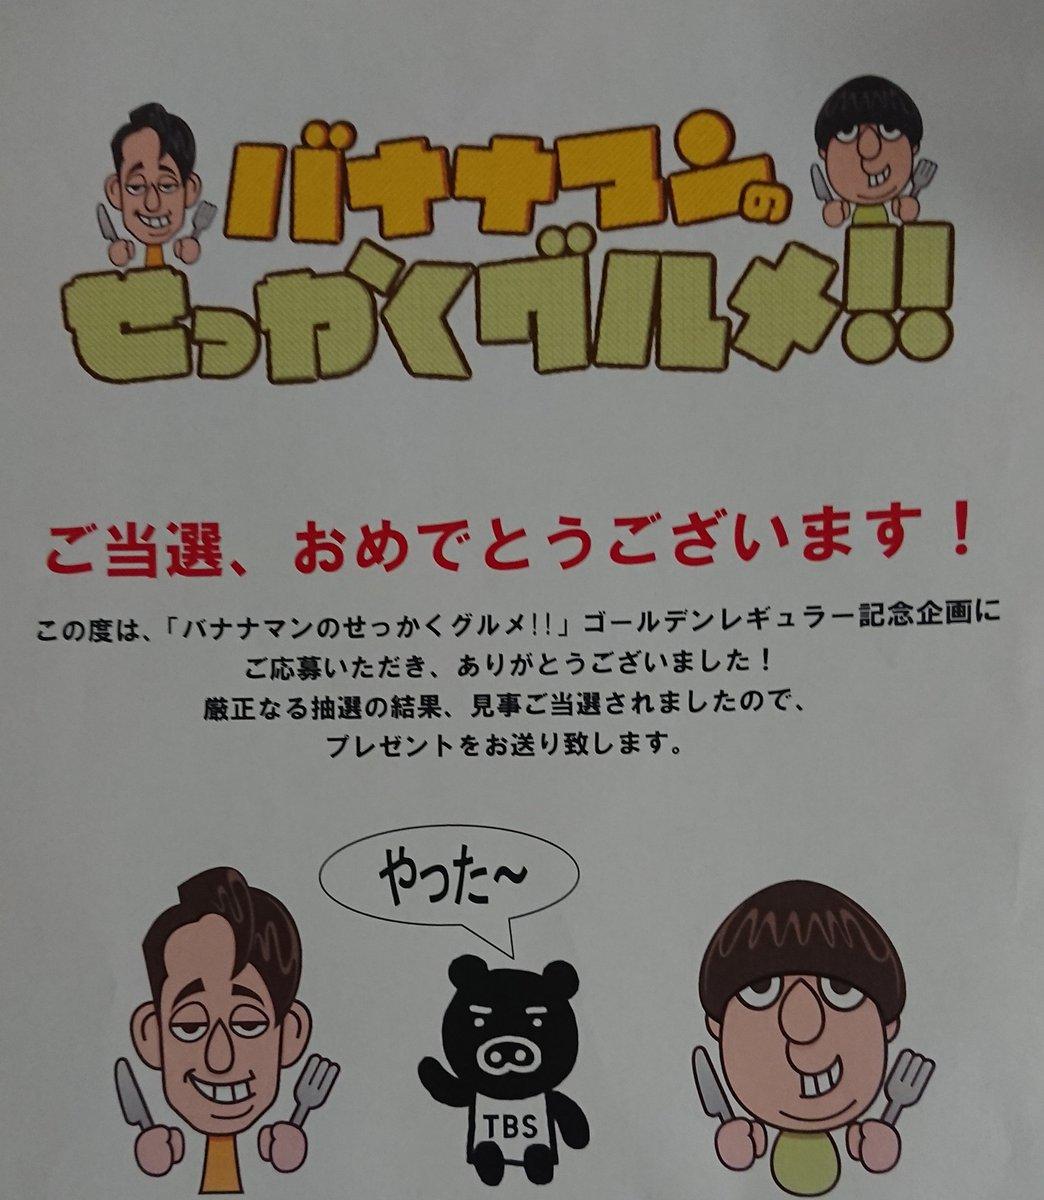 test ツイッターメディア - バナナマンのせっかくグルメ!!(@sekkaku_tbs )様から当選の連絡が来ていた、ランチトートが届きました(๑♡ᴗ♡๑) 地元の人が紹介するグルメというのがいいですよね✨ 日村さんが行ったあと、こっそり設楽さんが行く回が特に好きです😂 これからも家族で応援しています(๑・∀・๑) #ウサパンの当選報告 https://t.co/gR9OFmIcTZ